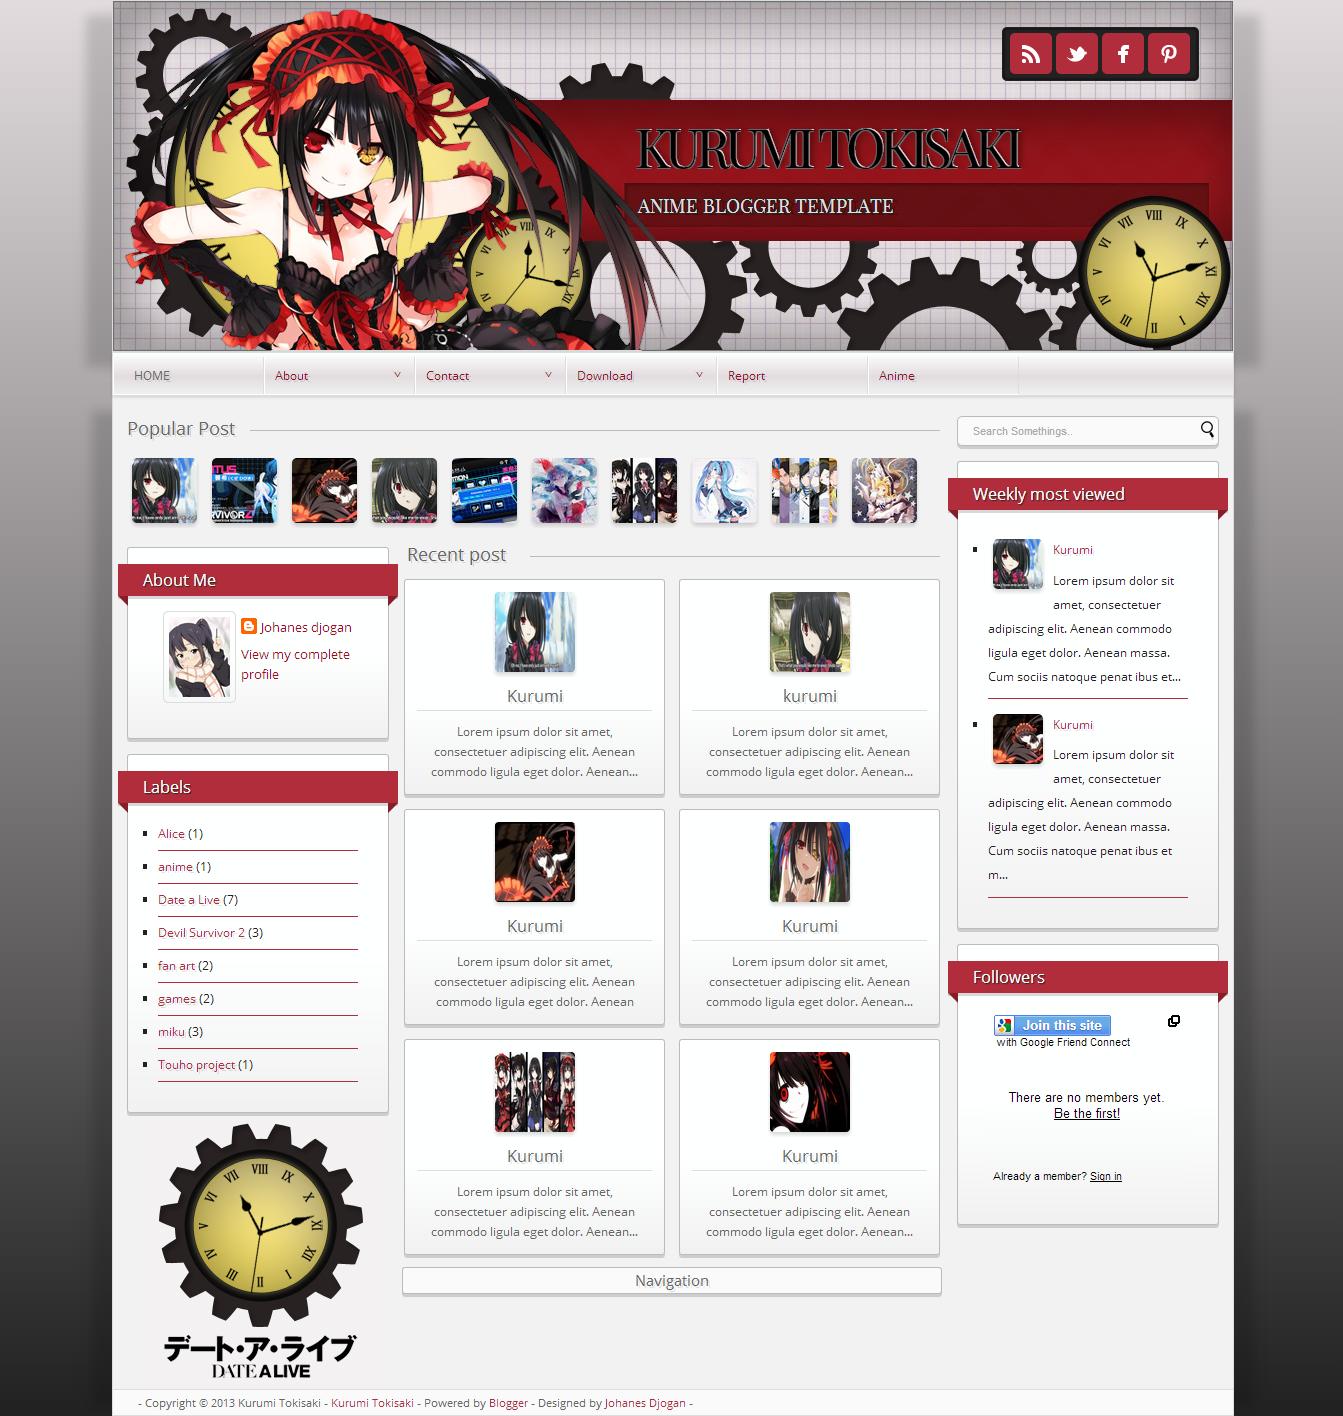 Kurumi Tokisaki blogger template. http://djogzs.blogspot.com/2013 ...